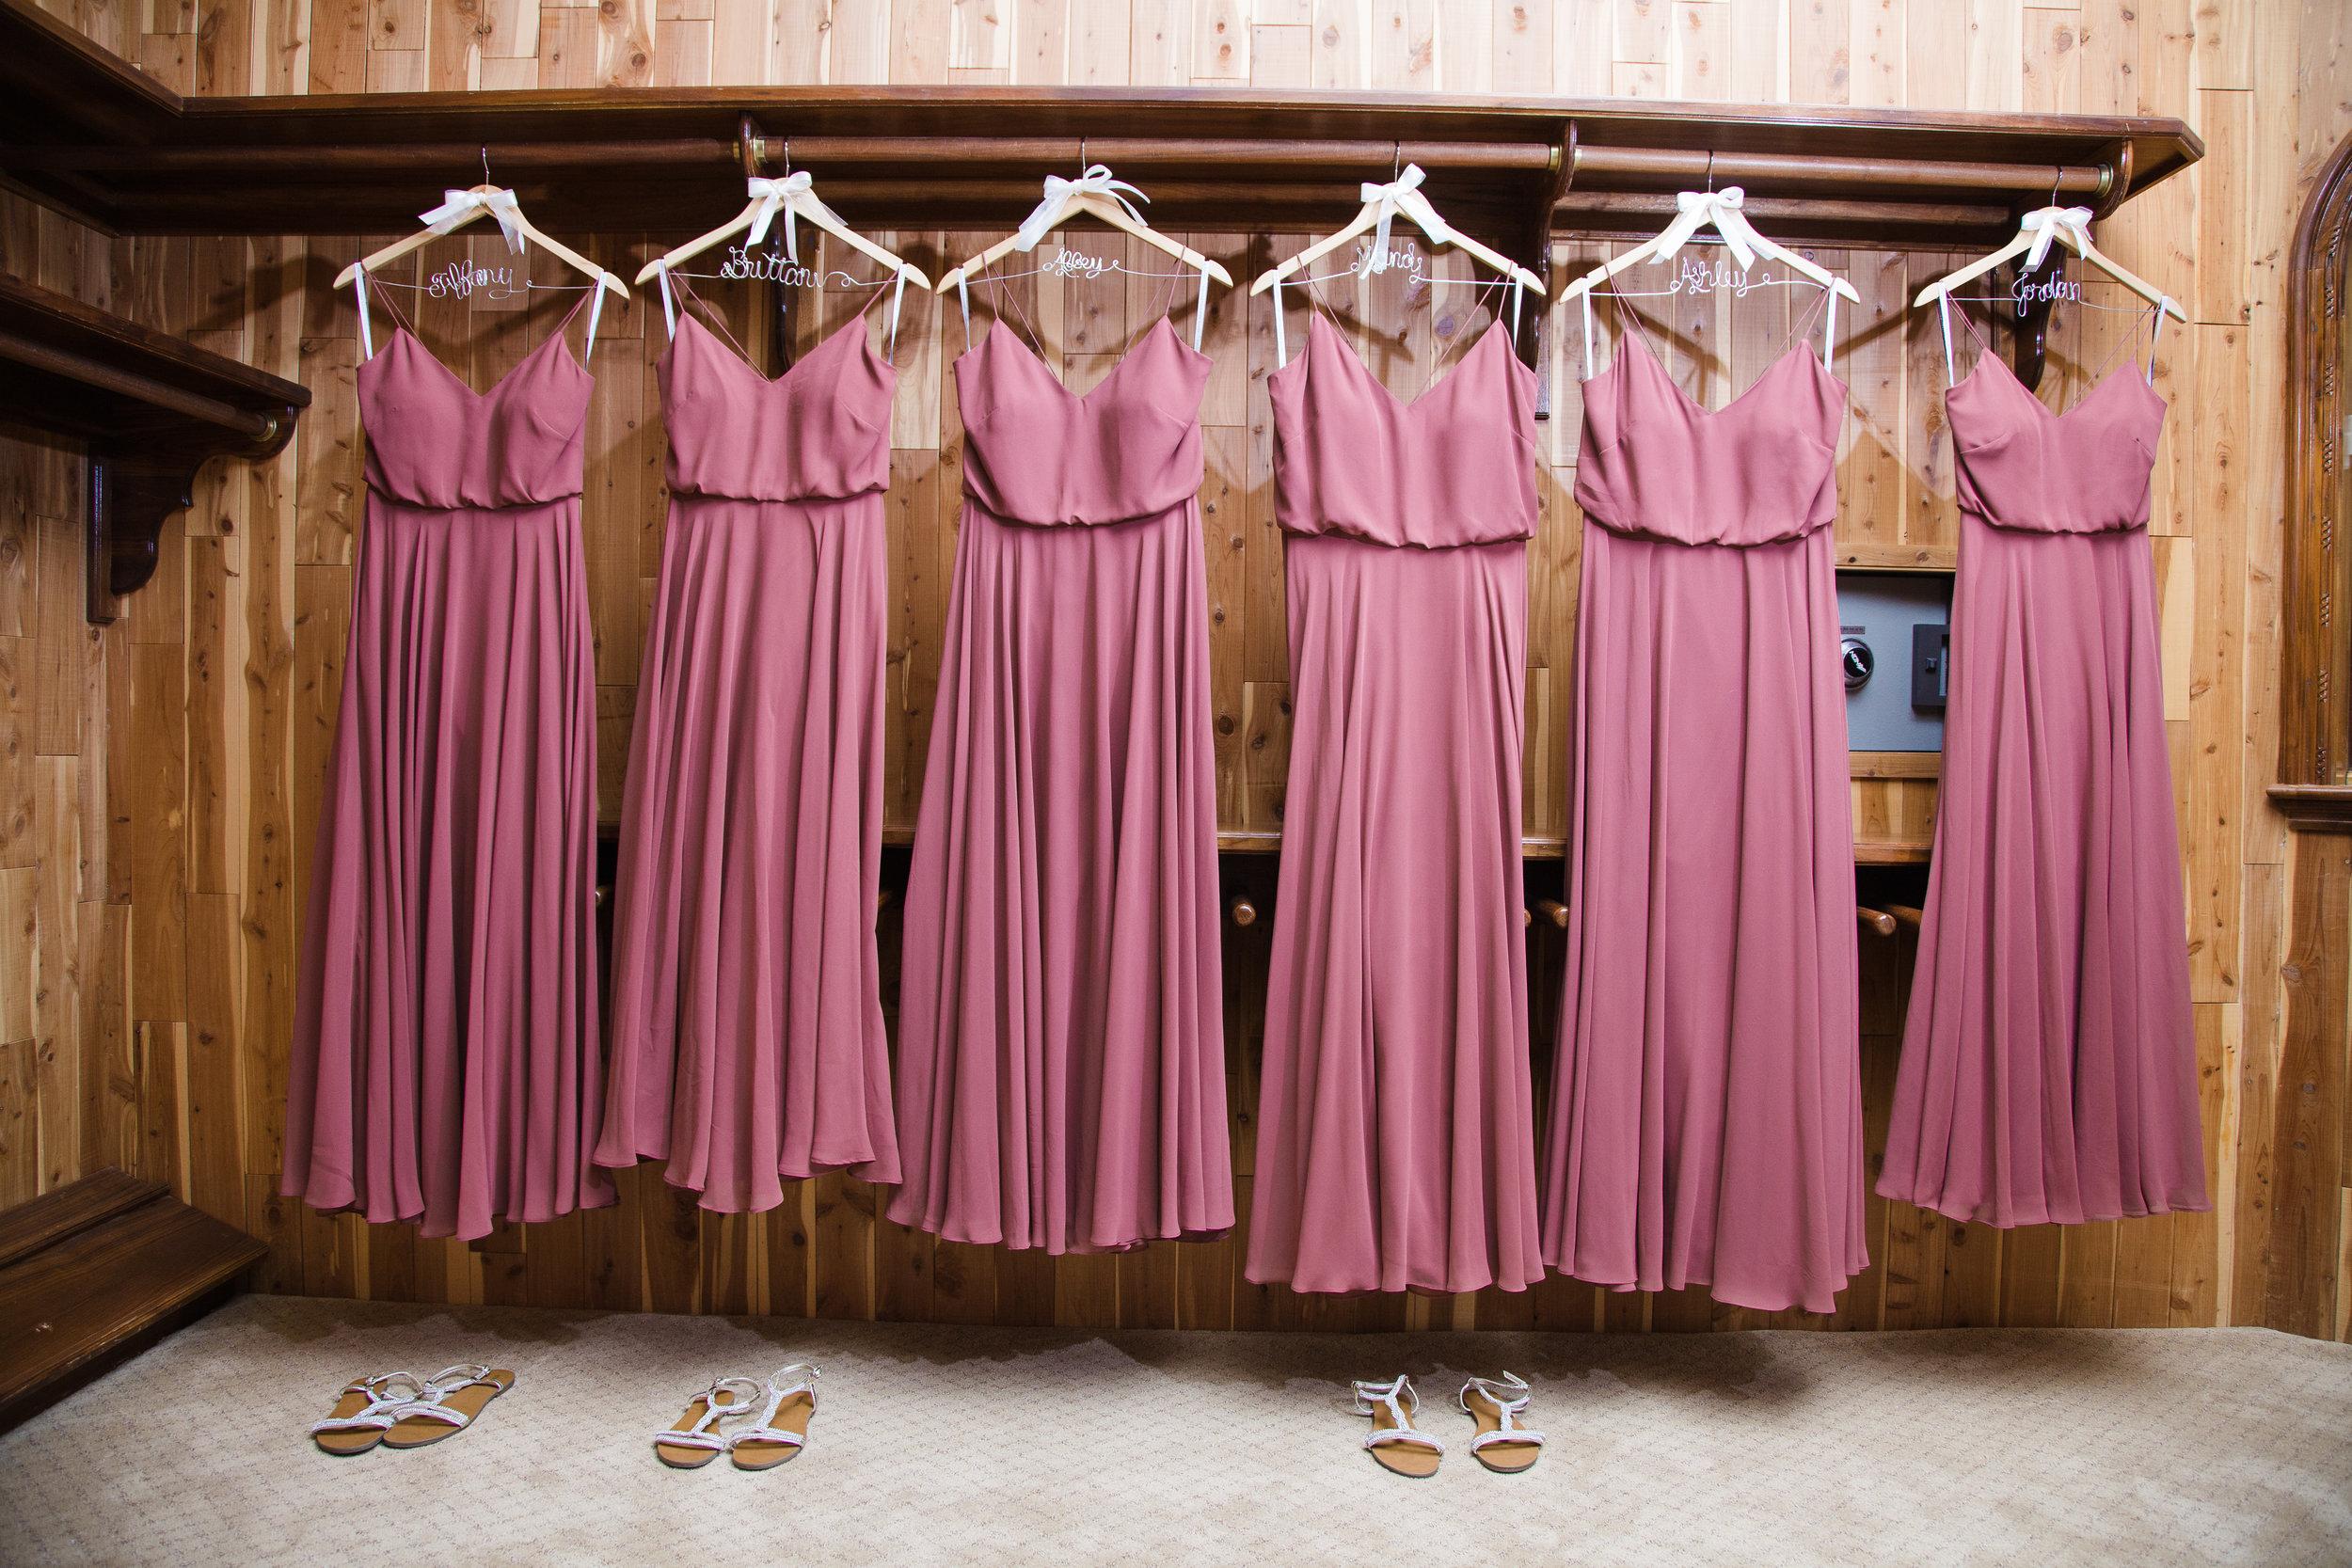 Chateau de Vie wedding details, bridesmaid dresses